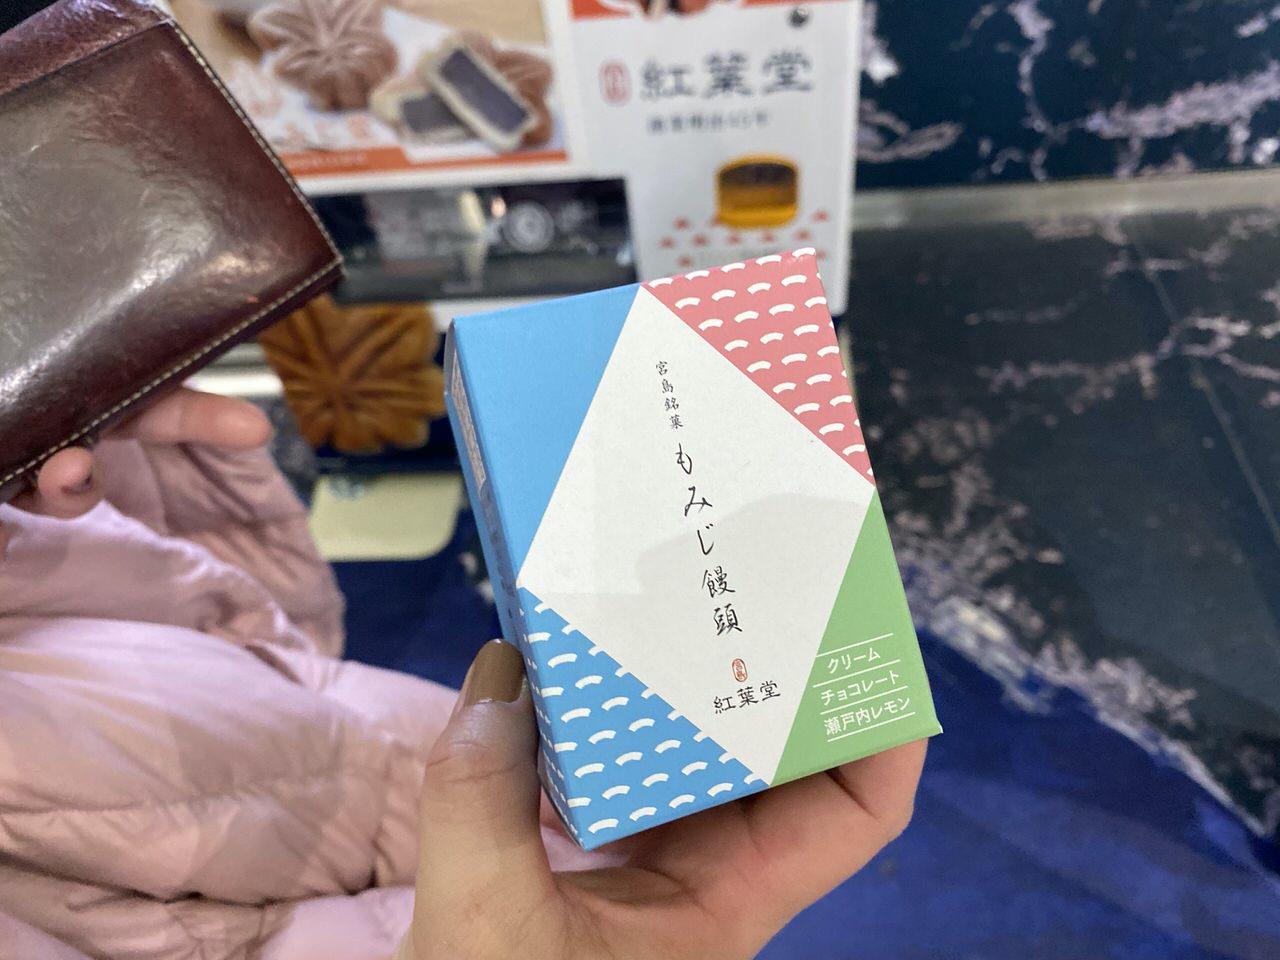 広島空港で紅葉堂のもみじ饅頭の自動販売機を発見